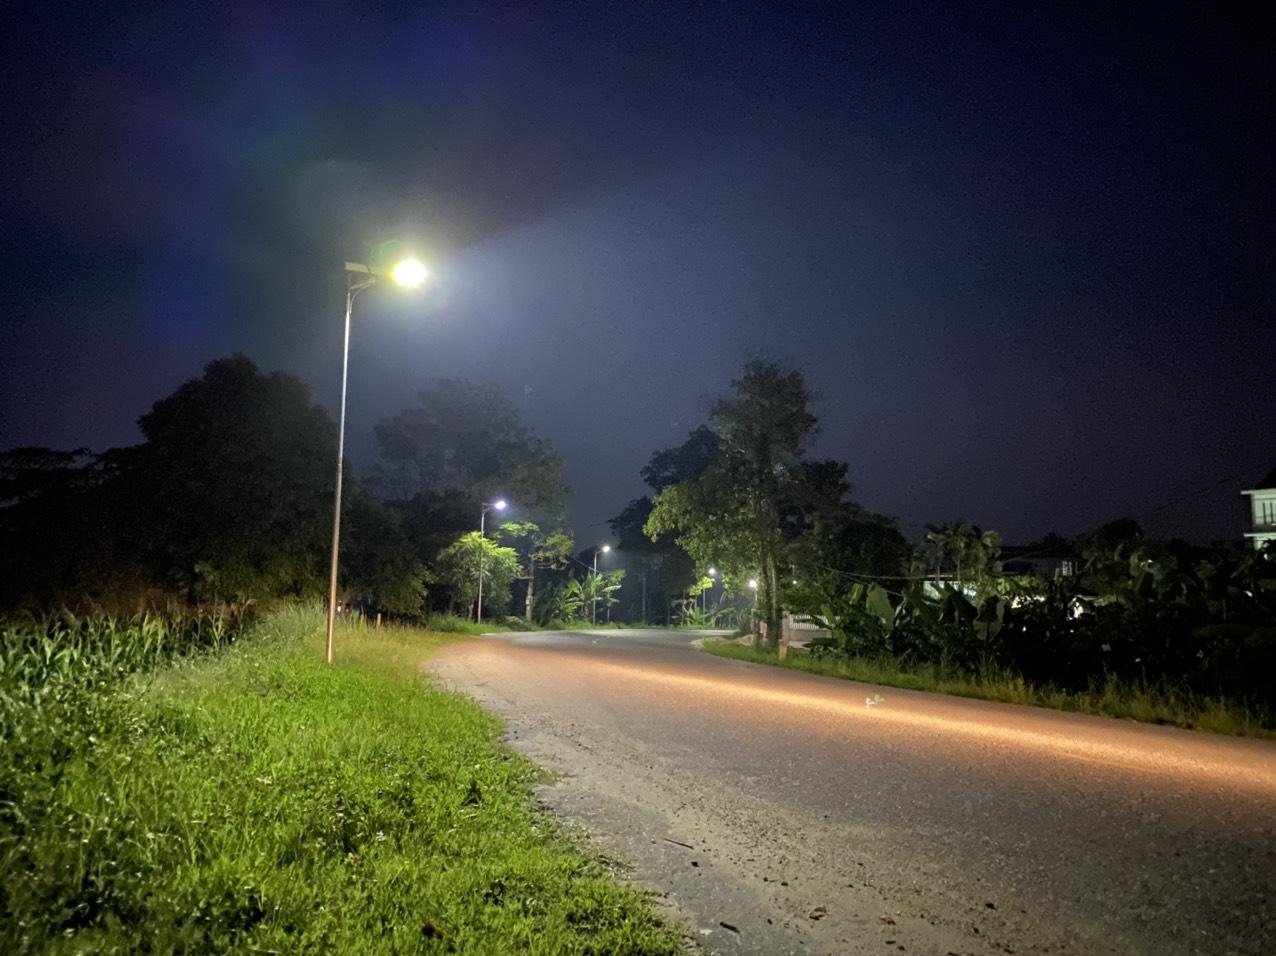 den-duong-nang-luong-mat-troi-cao-cap-100w-nang-lap-san-solar-light-l100w-mn